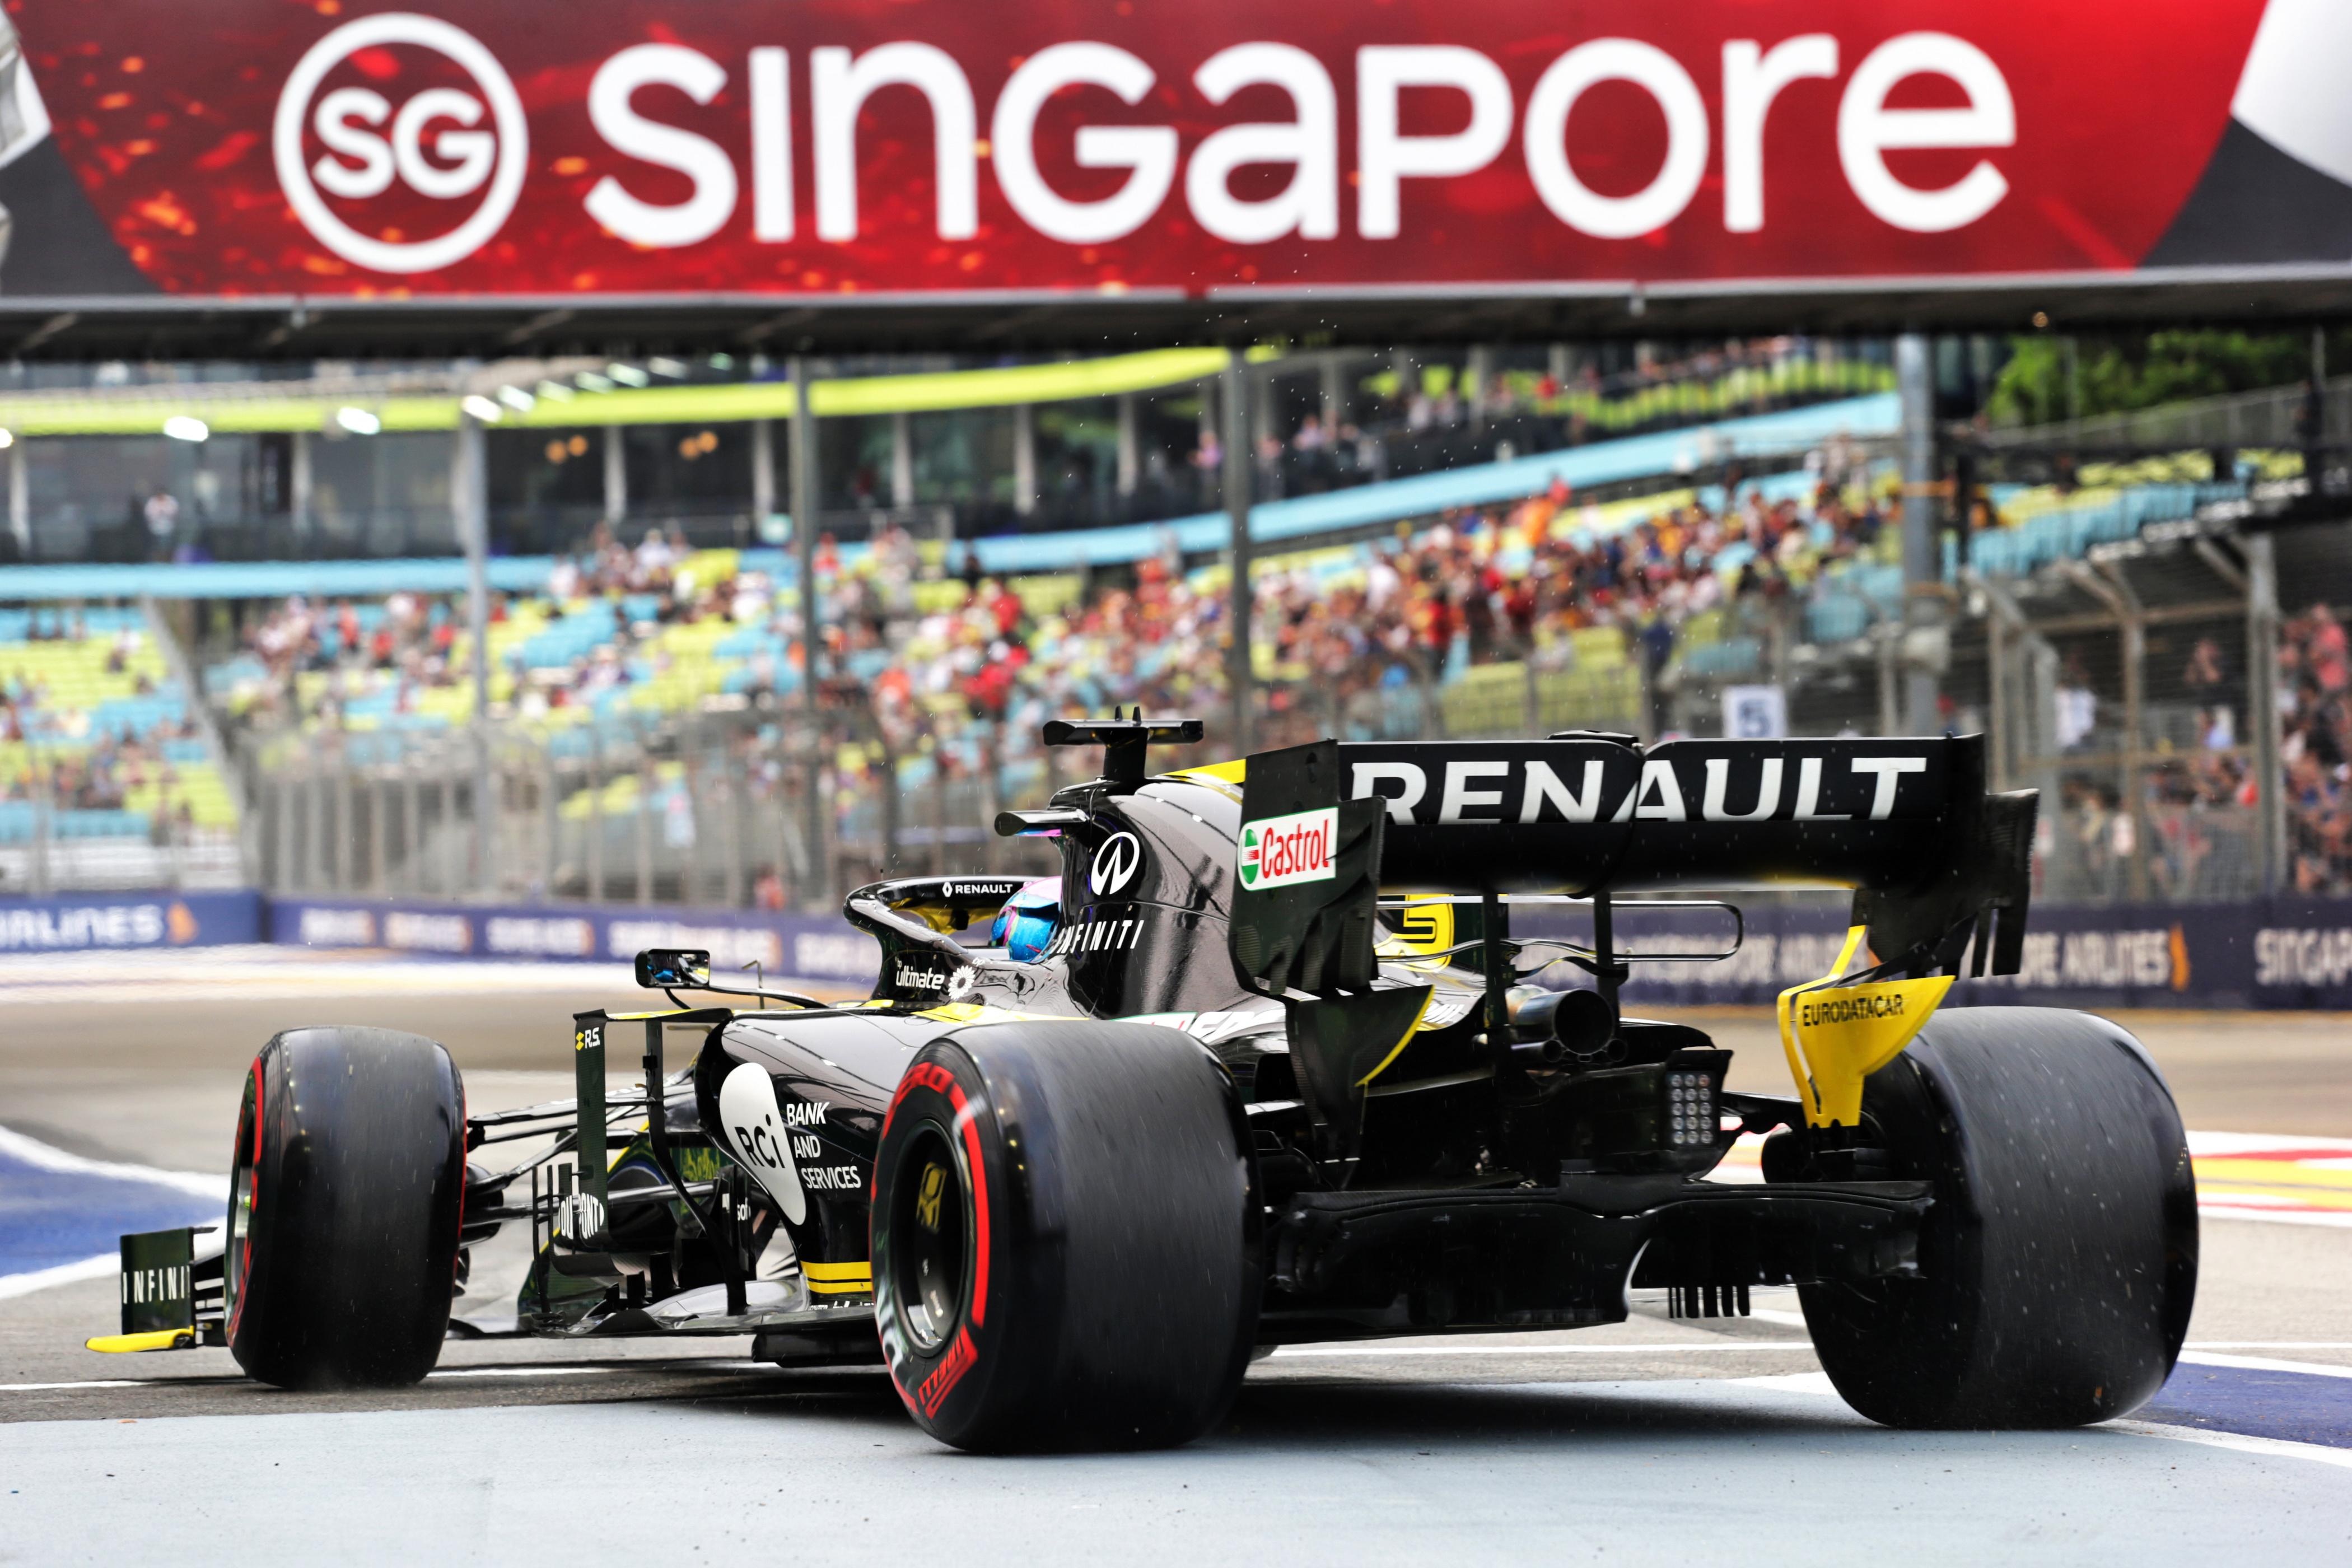 Renault F1 GP de Singapour F1